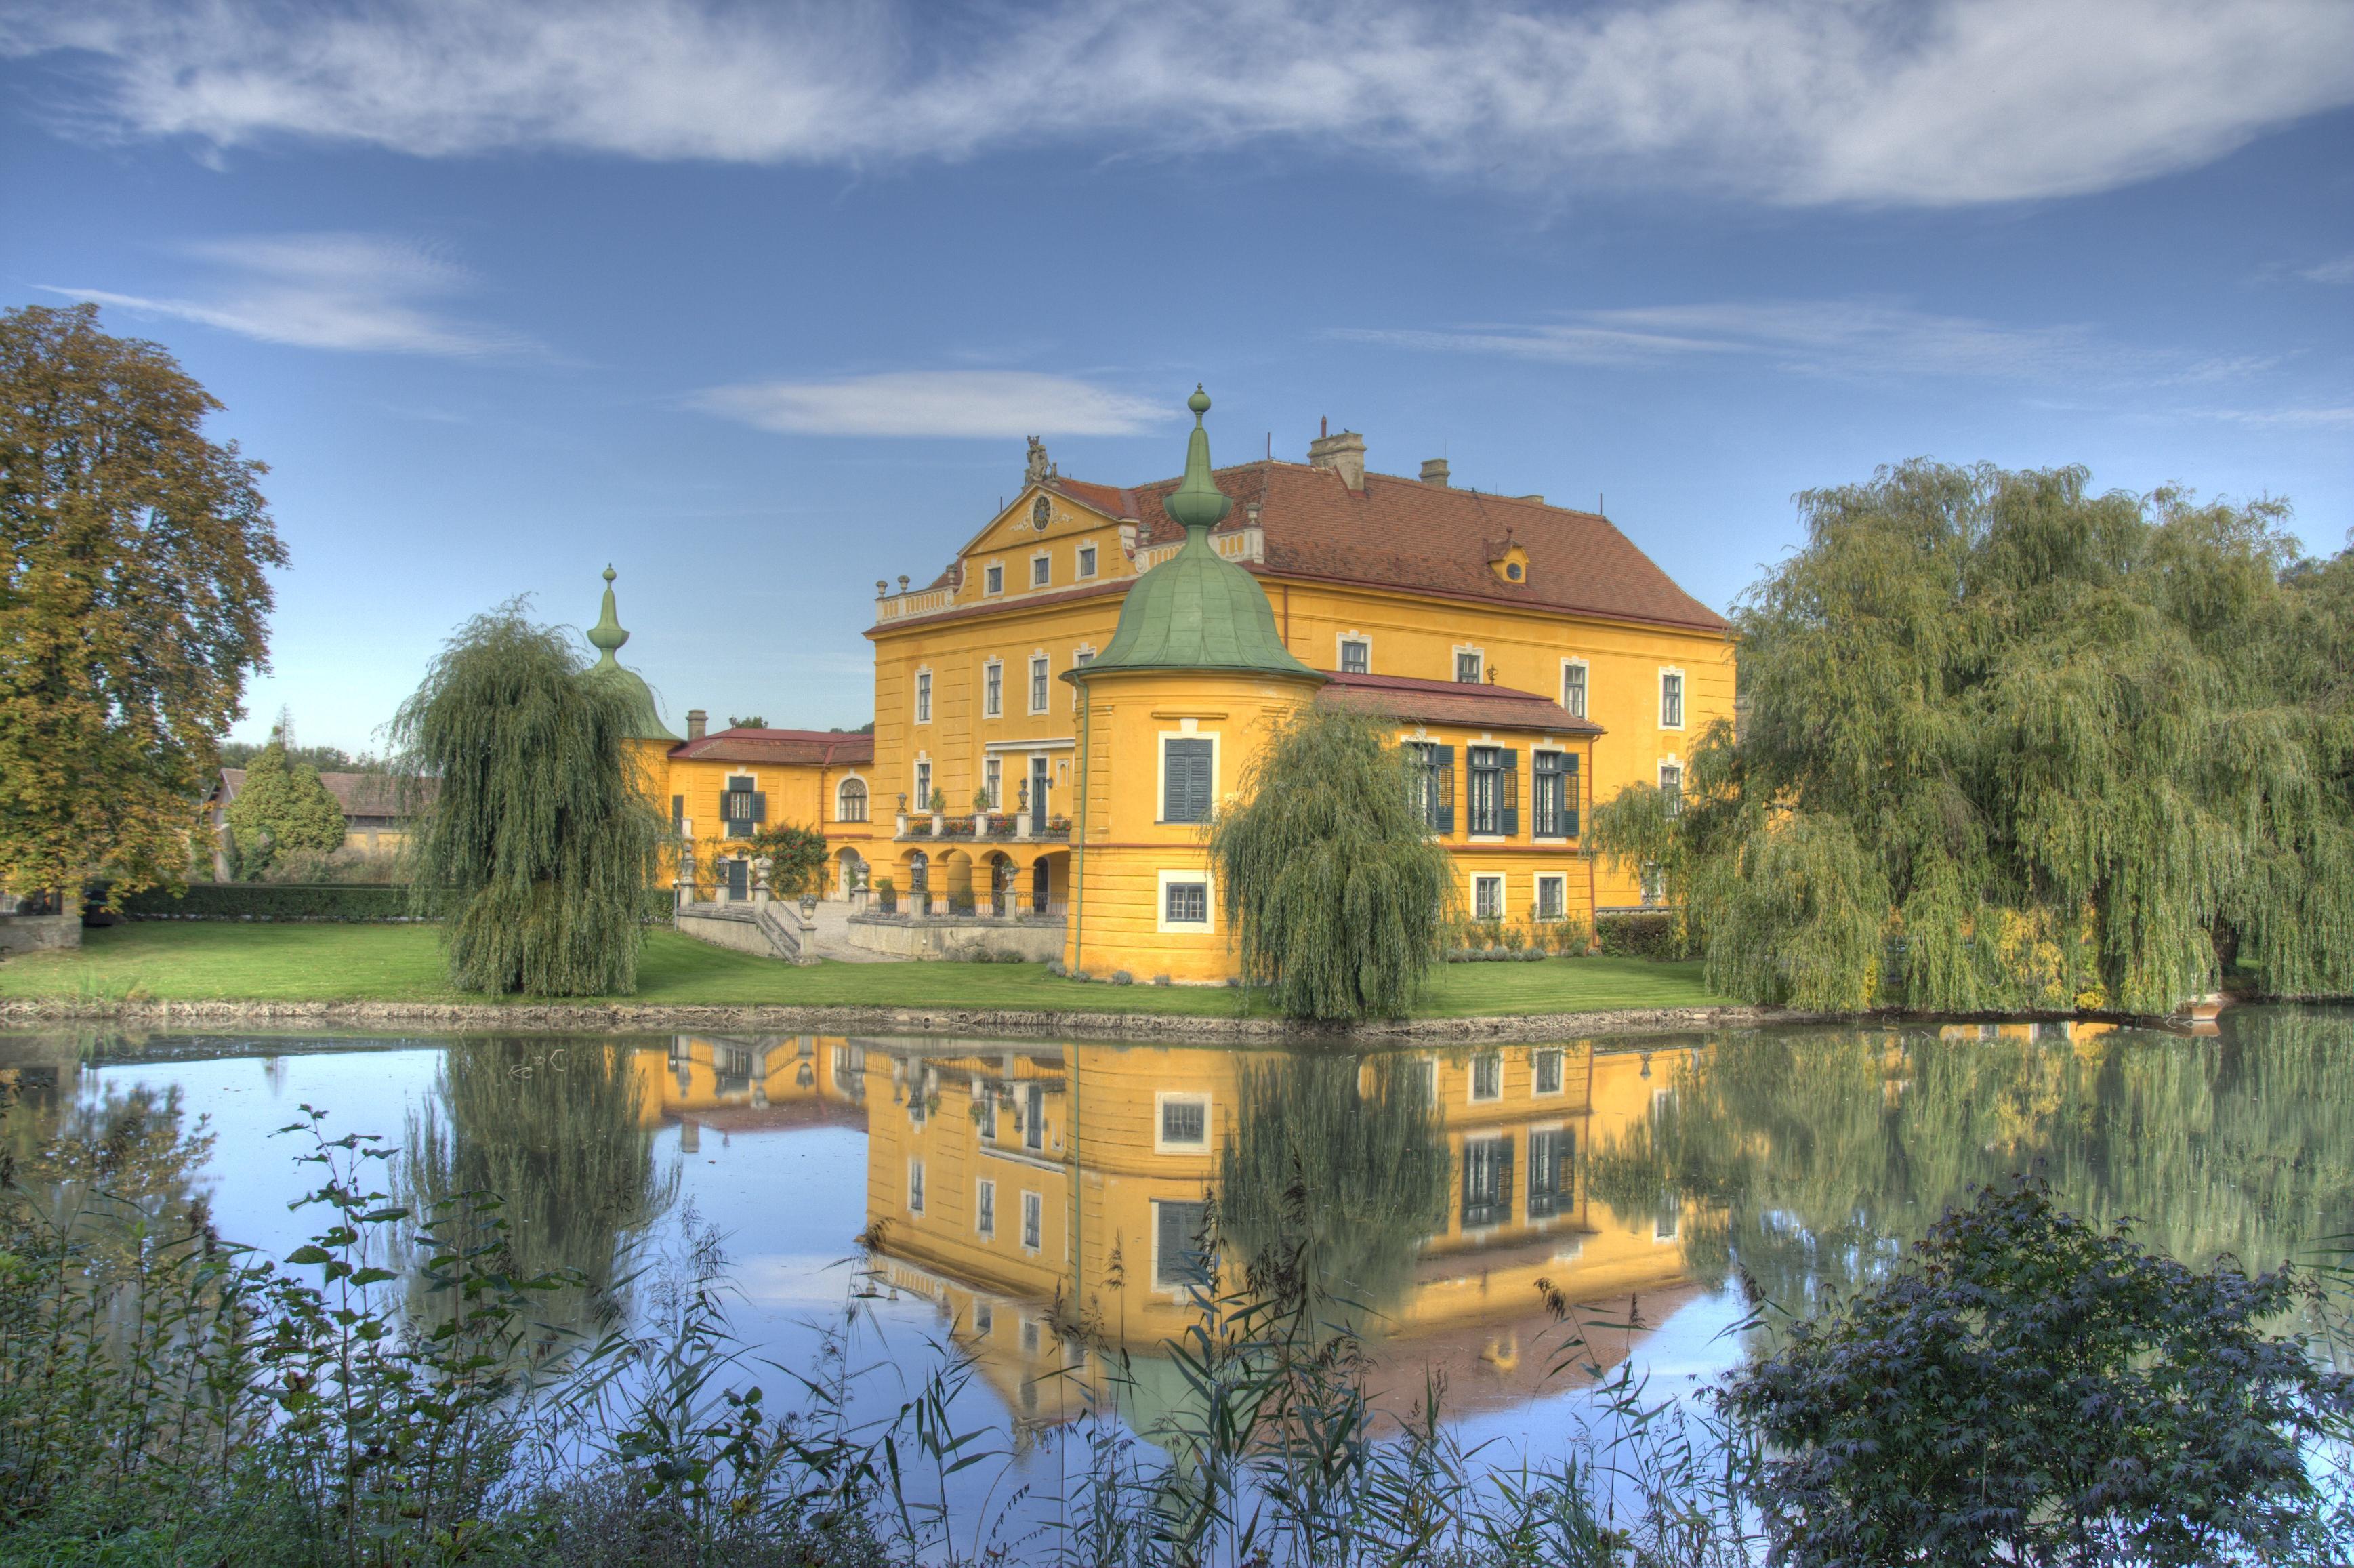 Appartement de vacances Luxuriöses, einzigartiges barockes Schloss, aufwendig eingerichtet (2306589), St. Pölten, Mostviertel, Basse Autriche, Autriche, image 1